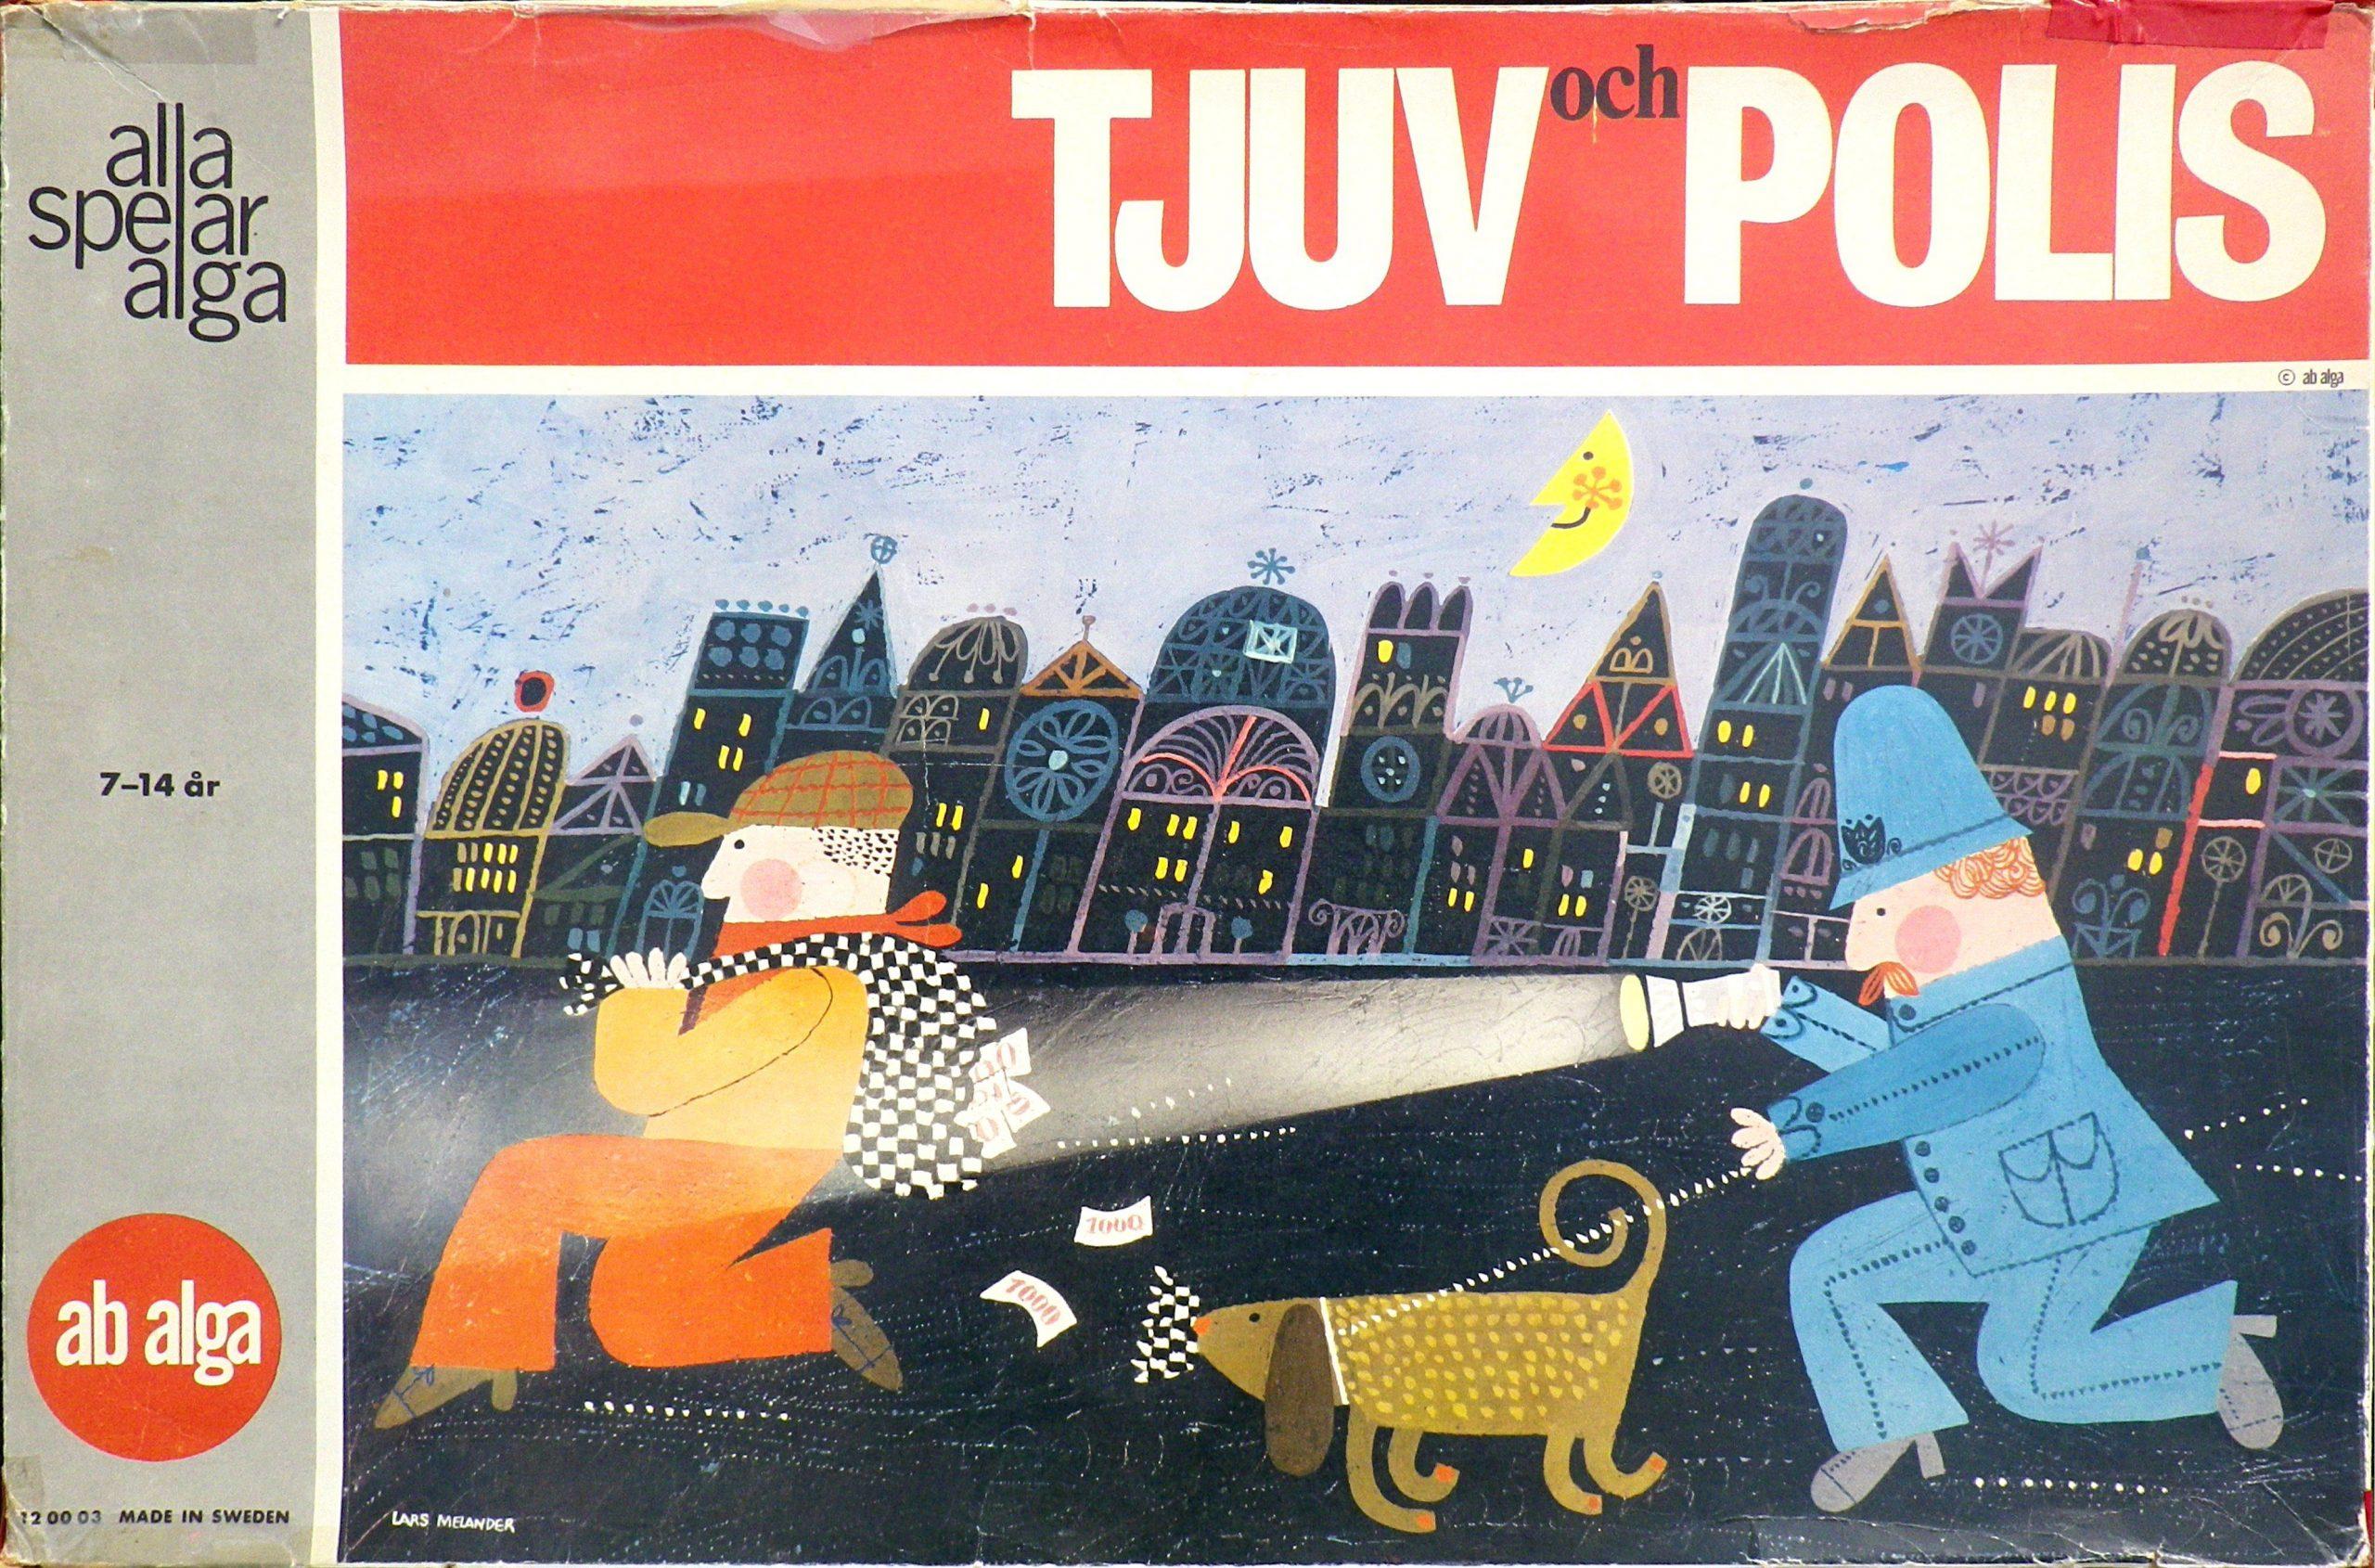 настольная игра Tjuv och polis Тюв оч полис